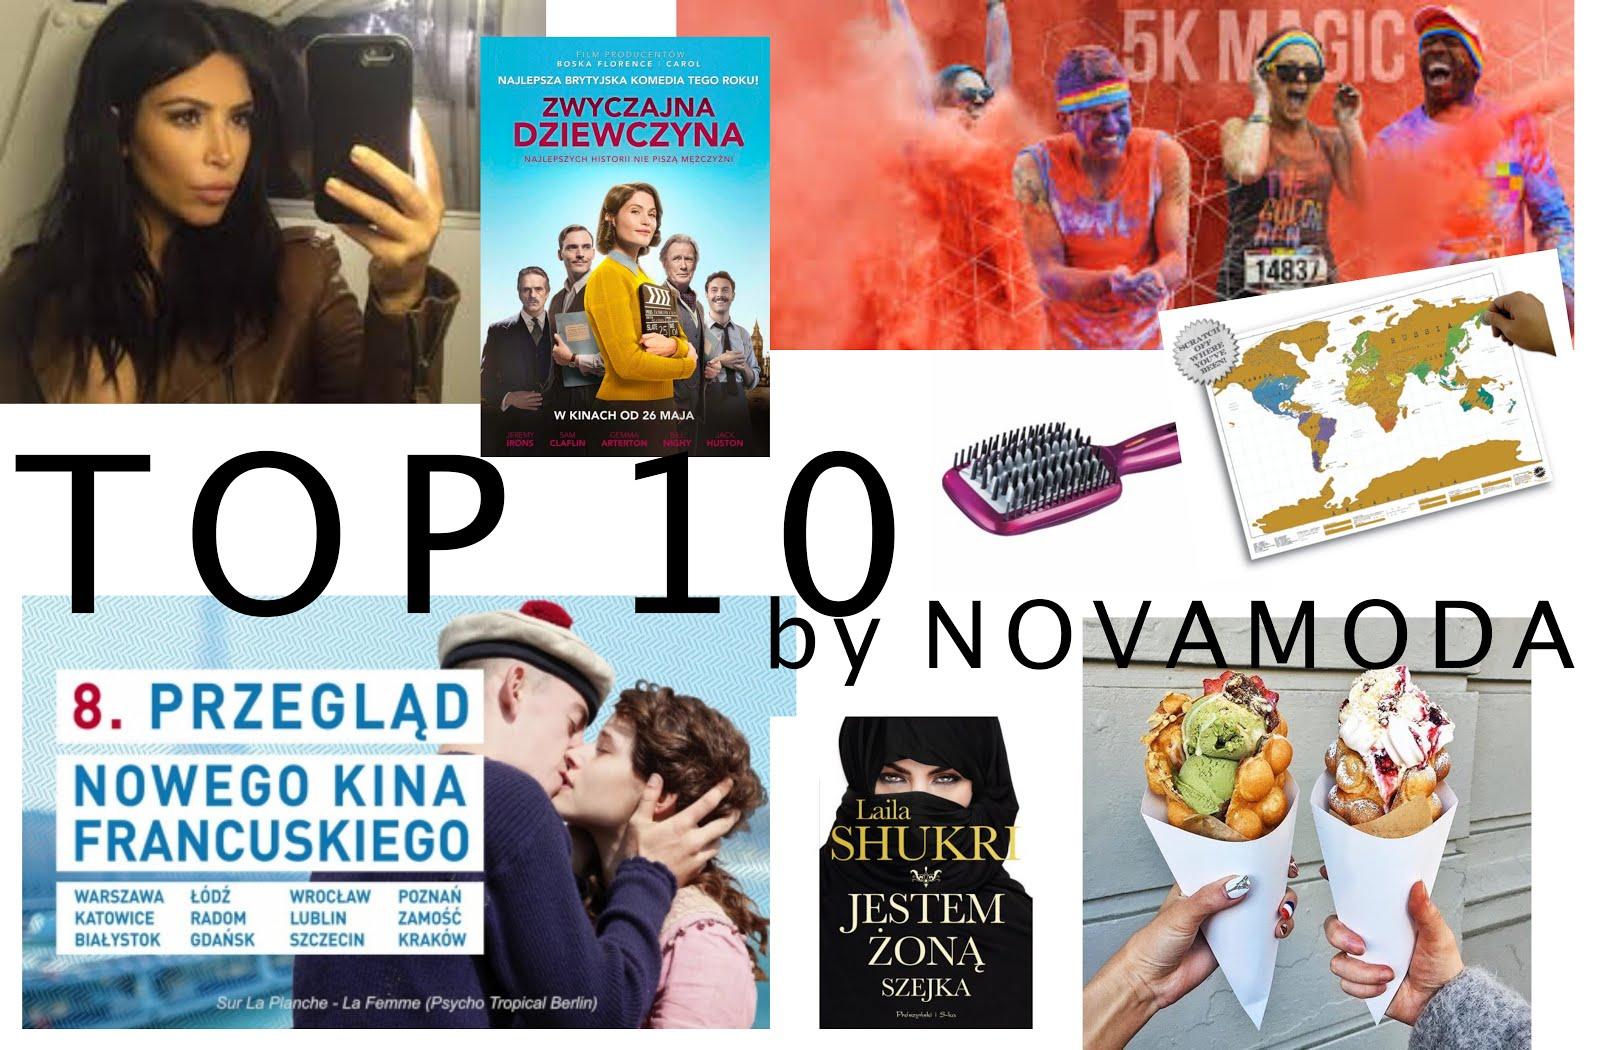 top 10, top trend, novamoda lifestyle, lifestyle, książka, filmy, lumee, młody papież, życie stewardessy, cabin crew on tour, kim kardashian